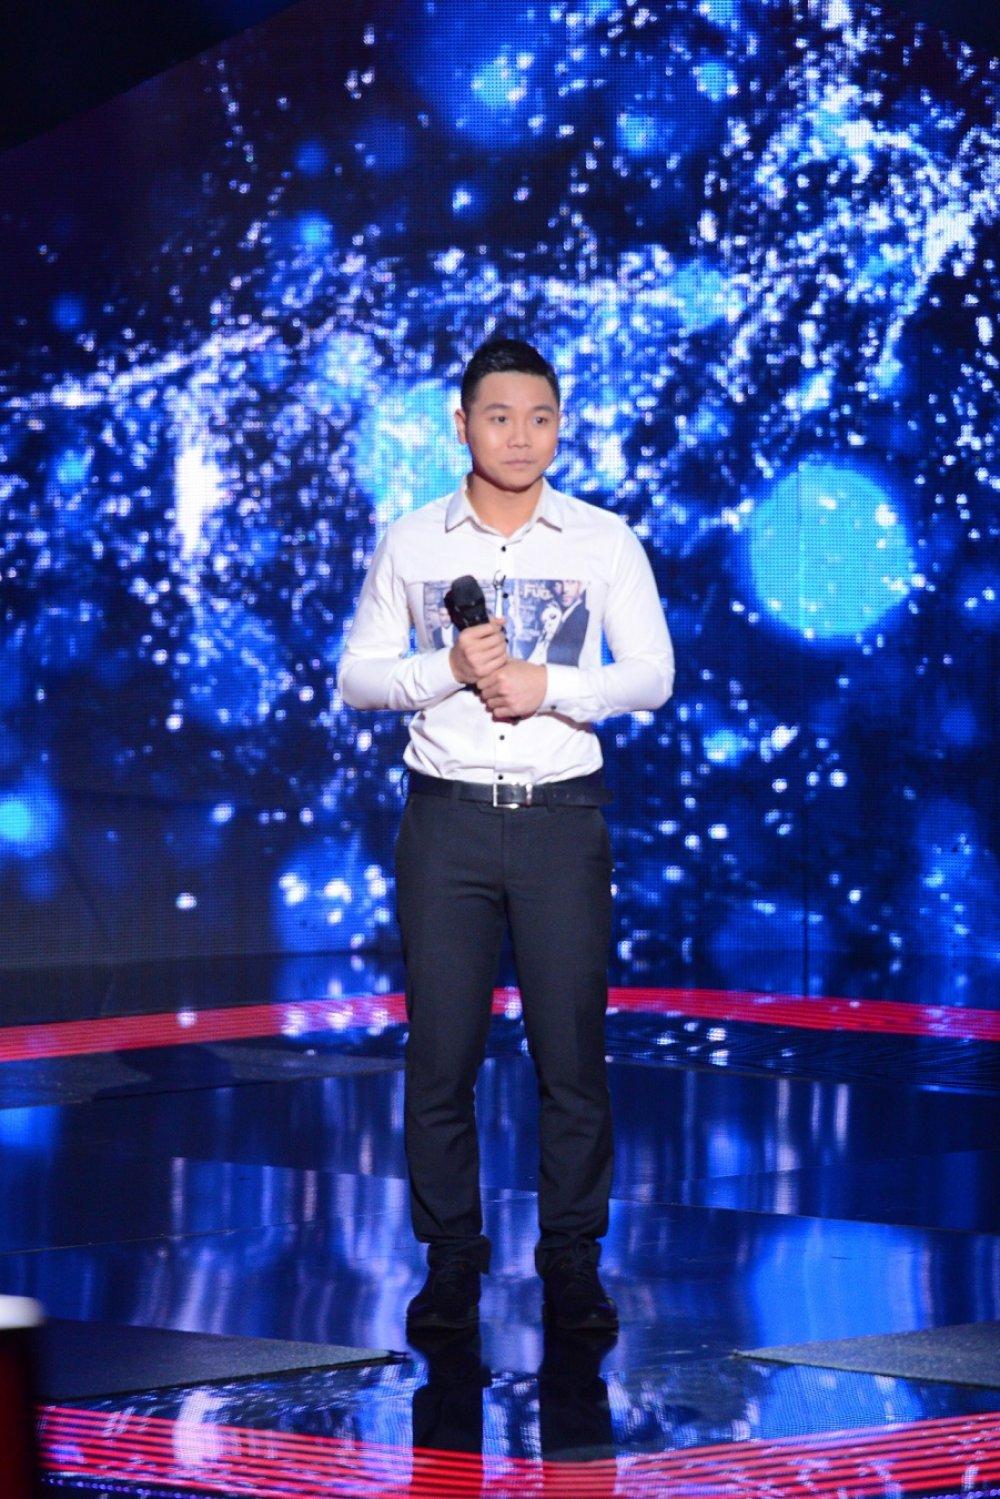 Участник Голосу країни-7 с Вьетнама заставил судей аплодировать ему стоя